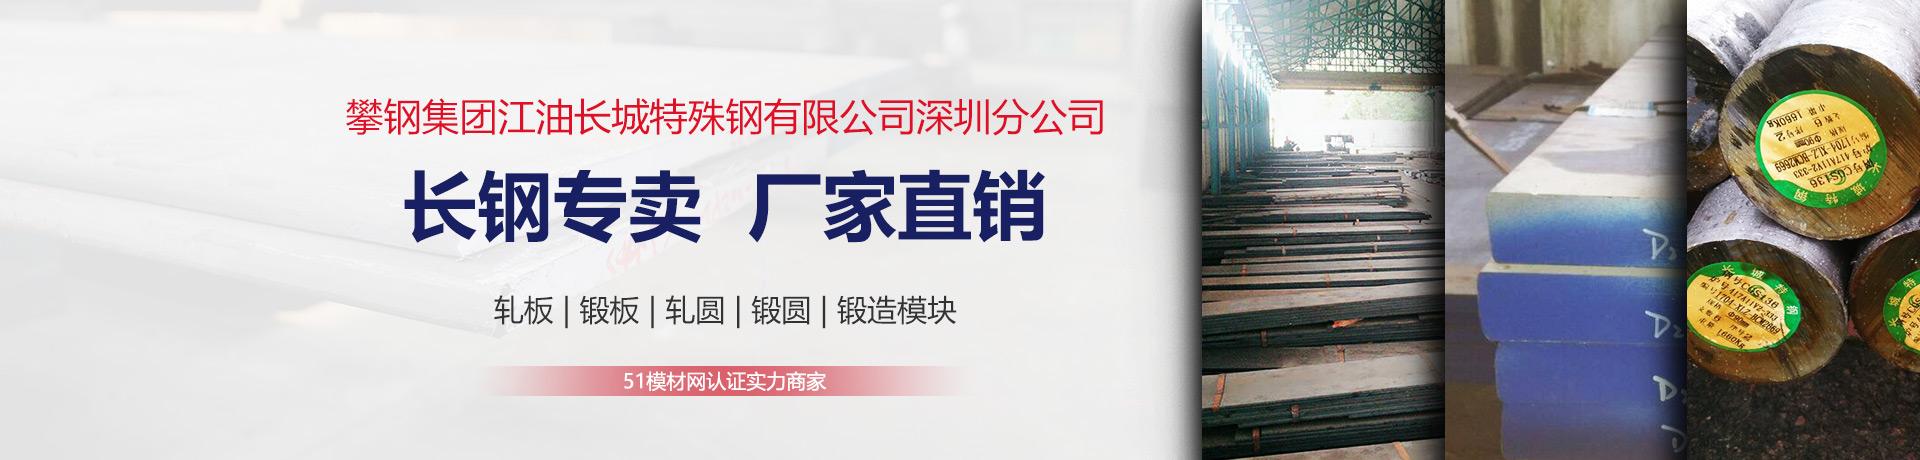 攀钢集团江油长城特殊钢有限公司深圳分公司